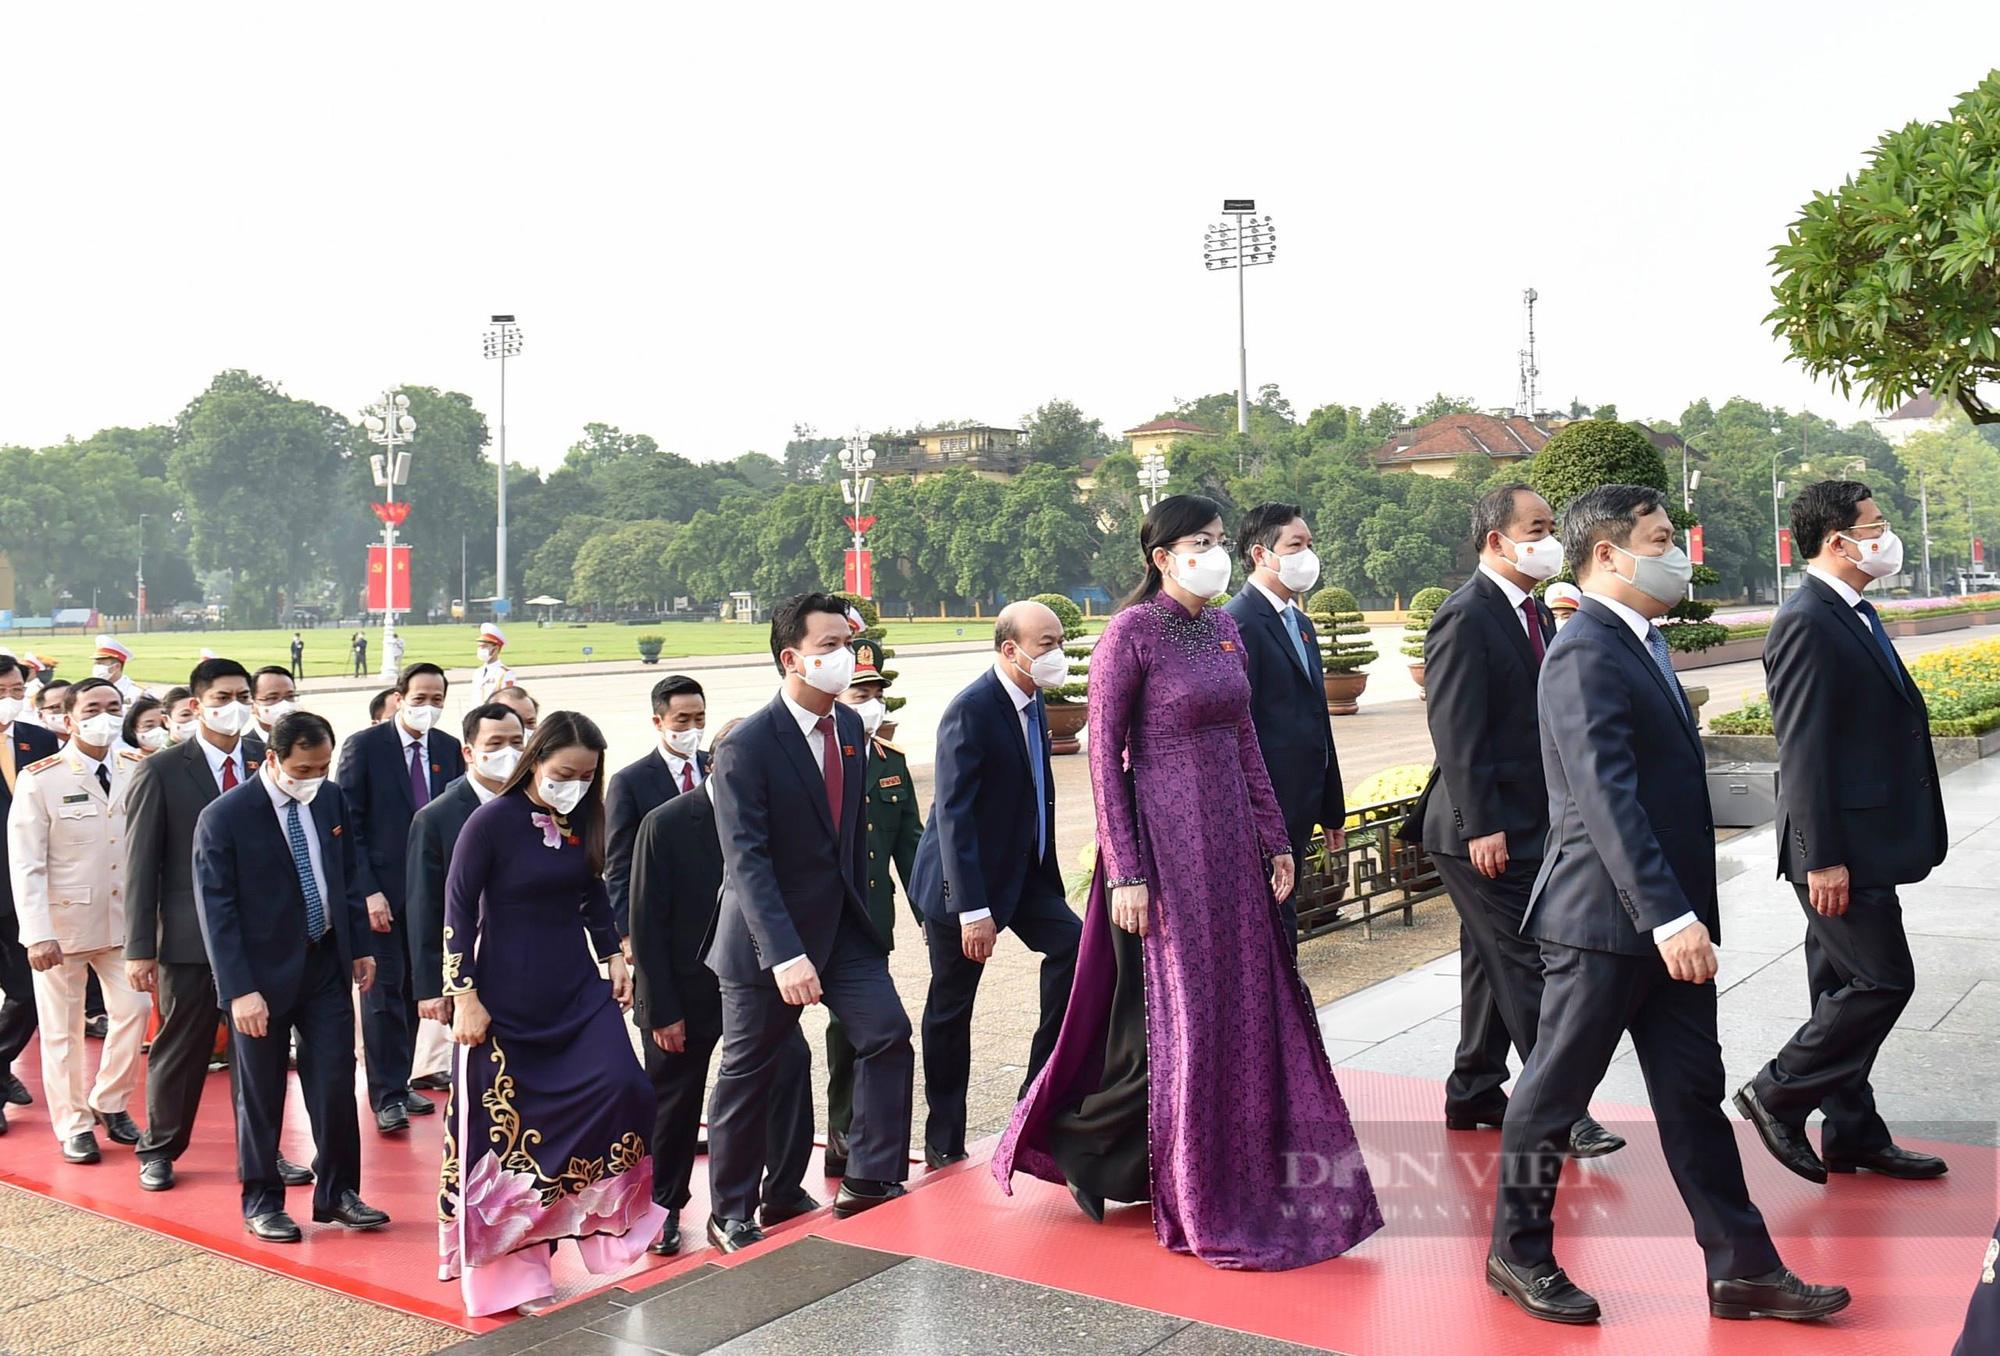 Lãnh đạo Đảng, Nhà nước và đại biểu Quốc hội khóa XV vào Lăng viếng Bác - Ảnh 5.